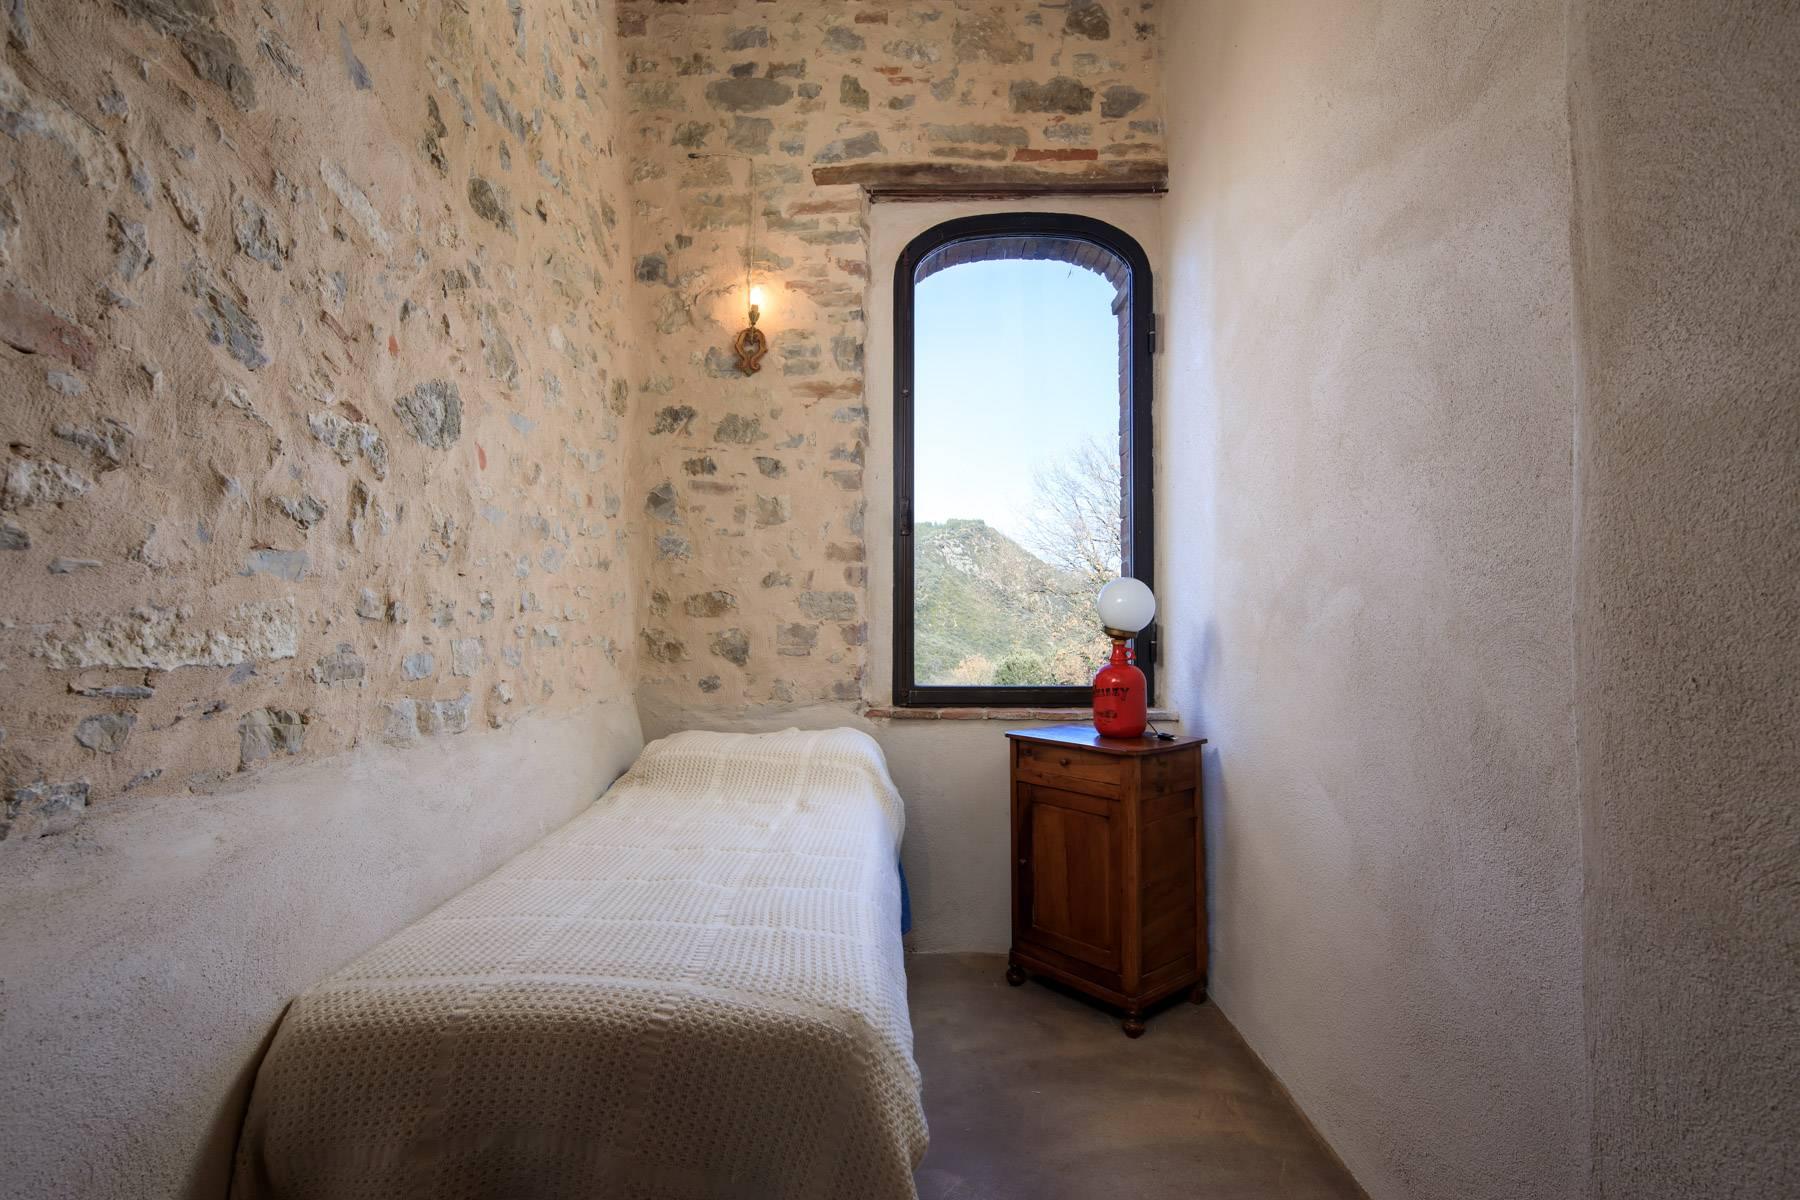 Rustico in Vendita a Castiglione D'Orcia: 5 locali, 716 mq - Foto 20